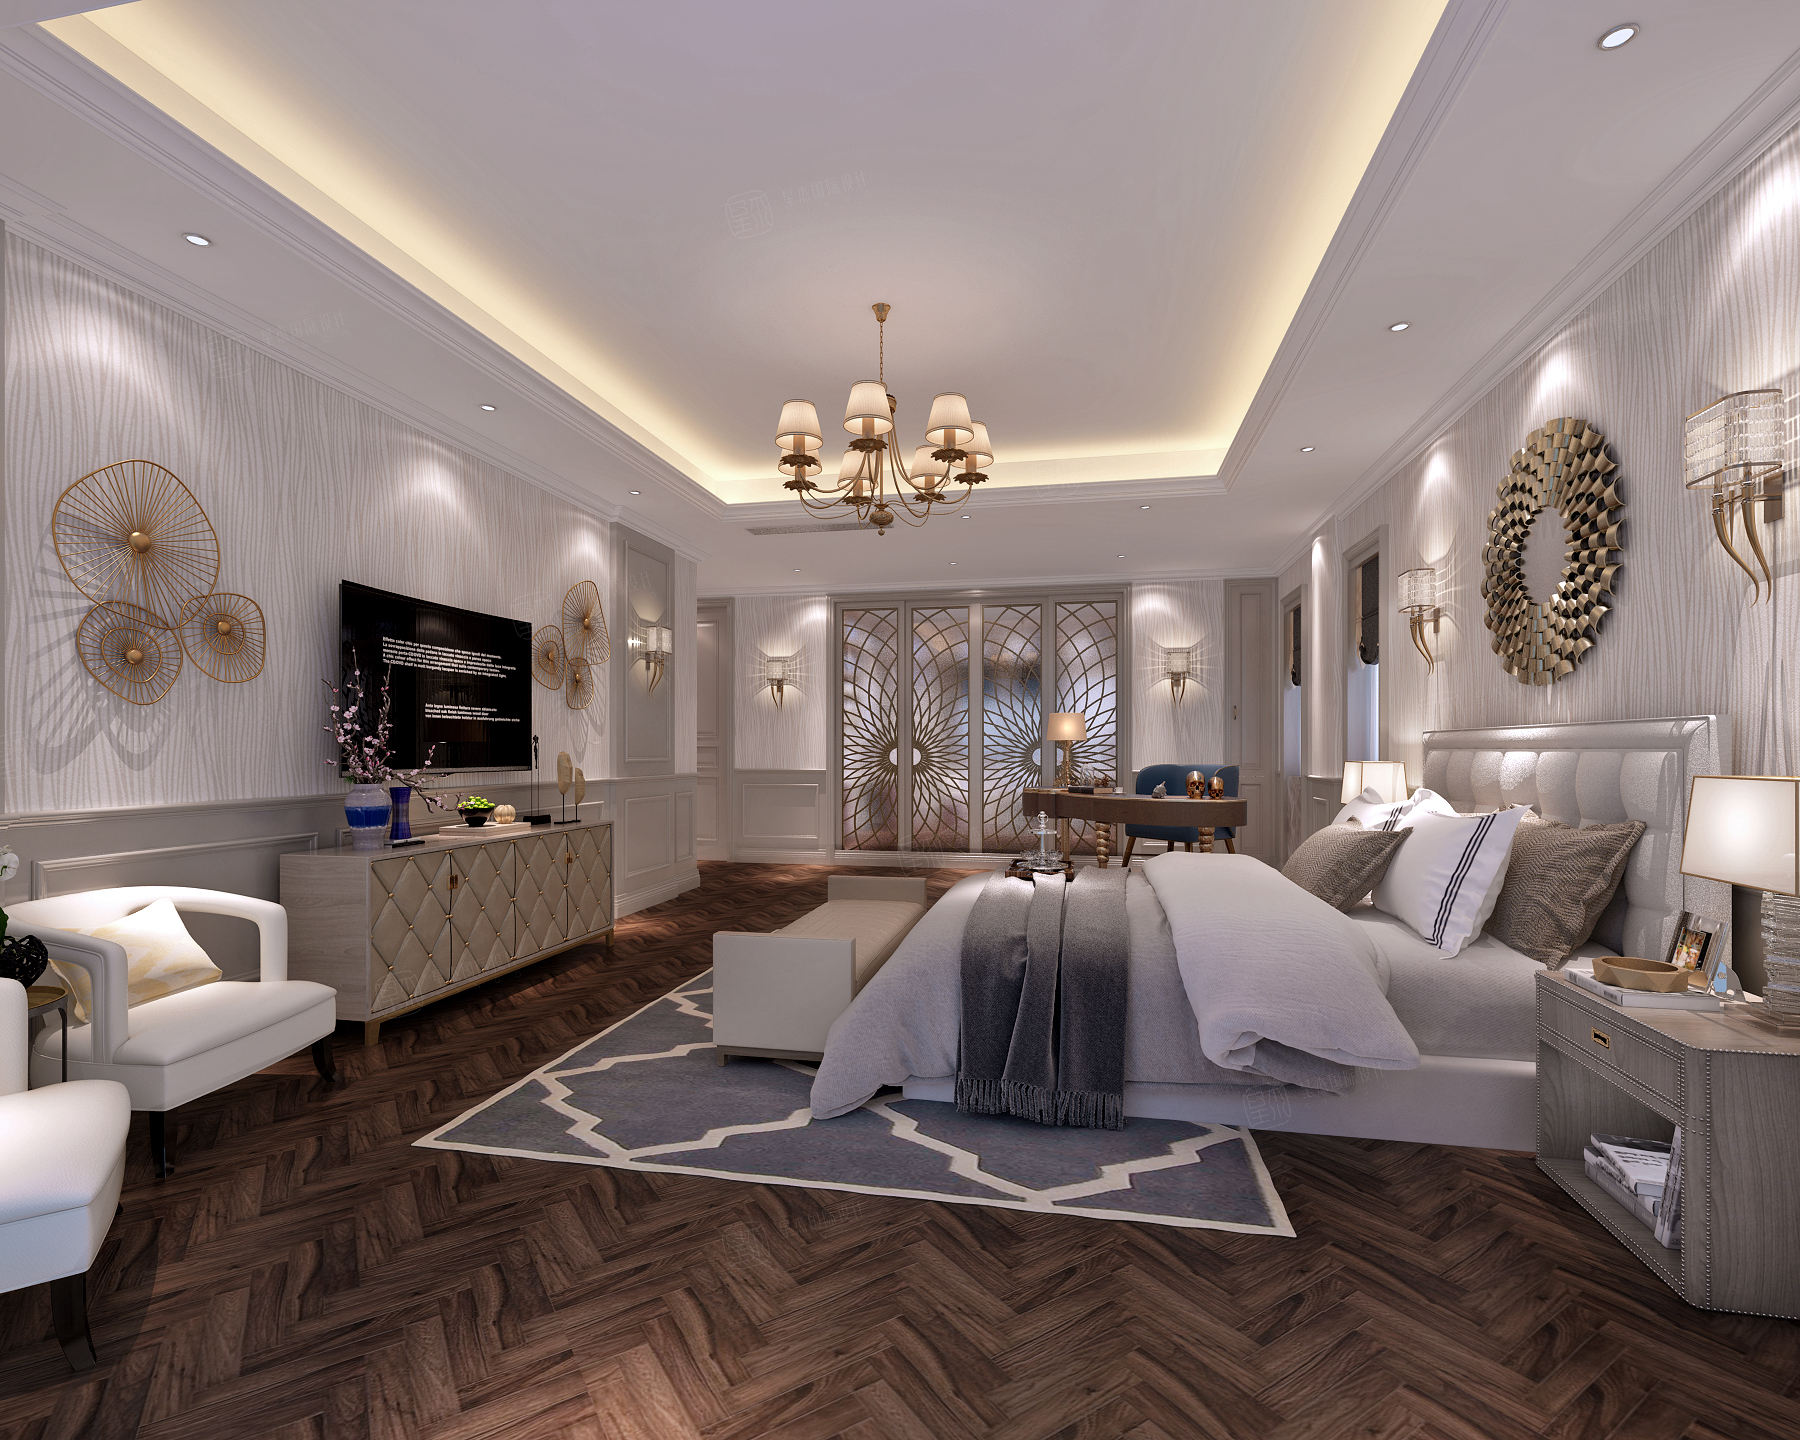 万科翡翠别墅 美式装修卧室效果图